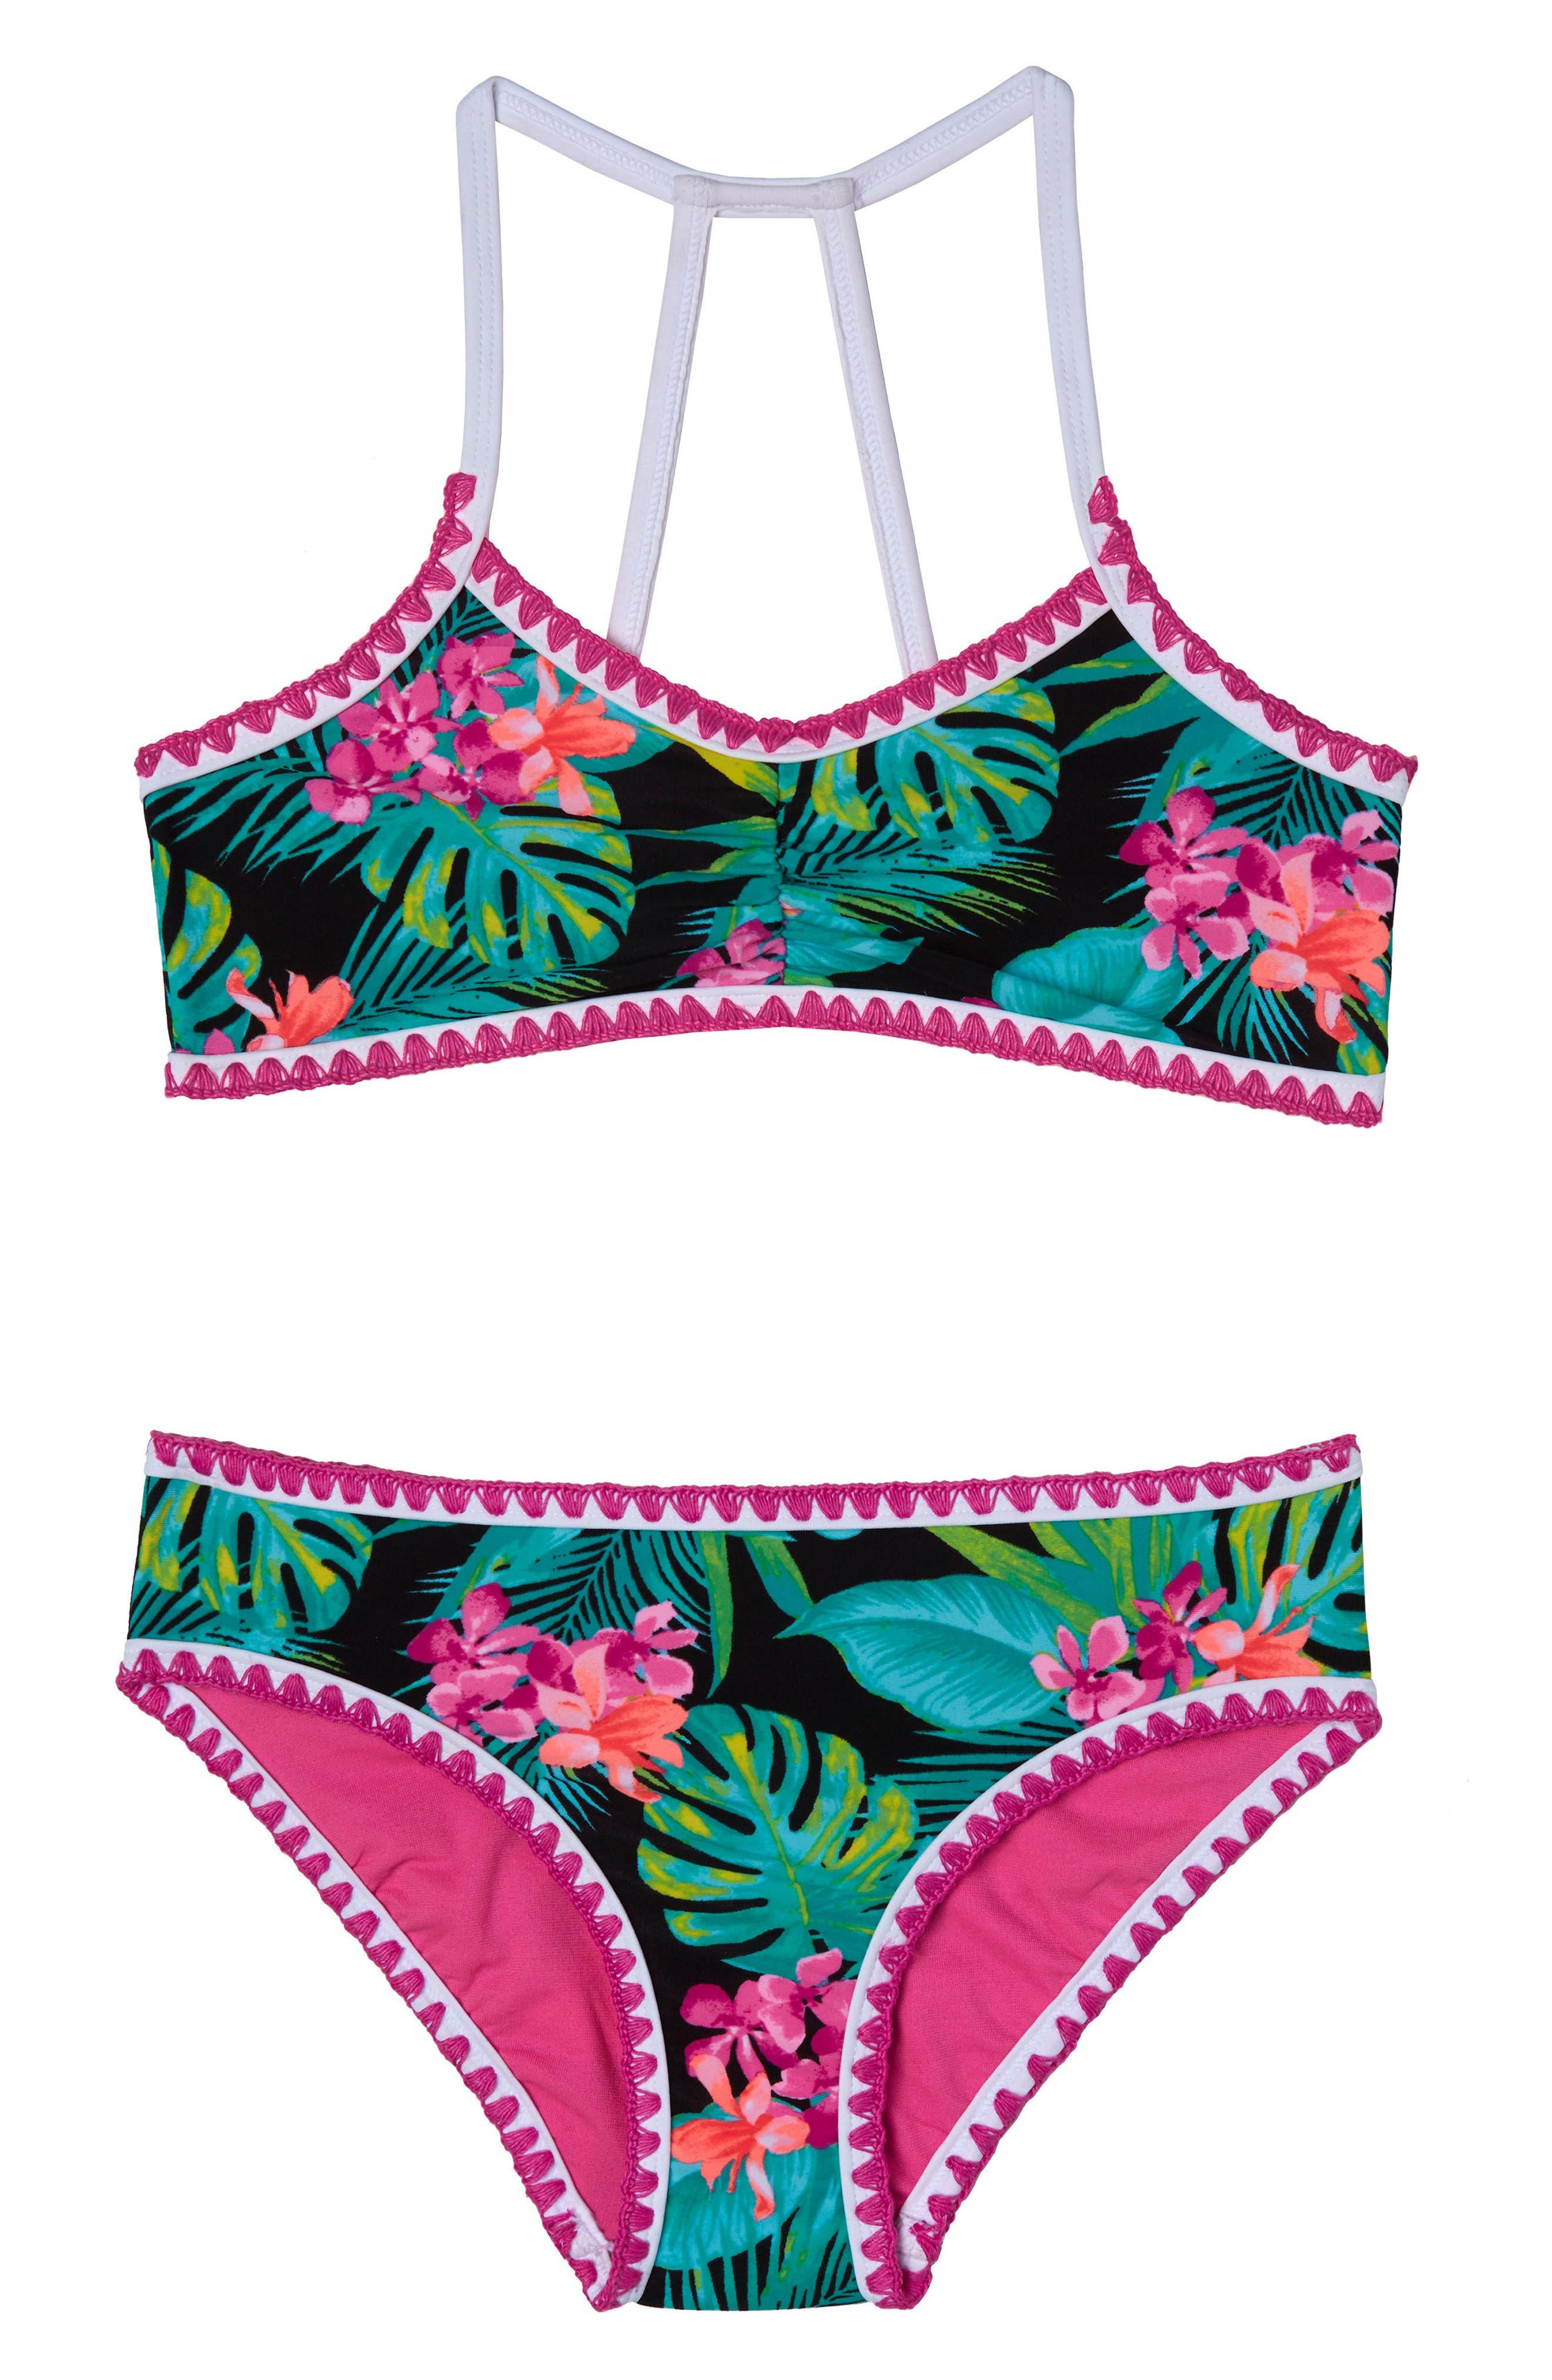 Tropical Escape Two-Piece Swimsuit,                         Main,                         color, Black